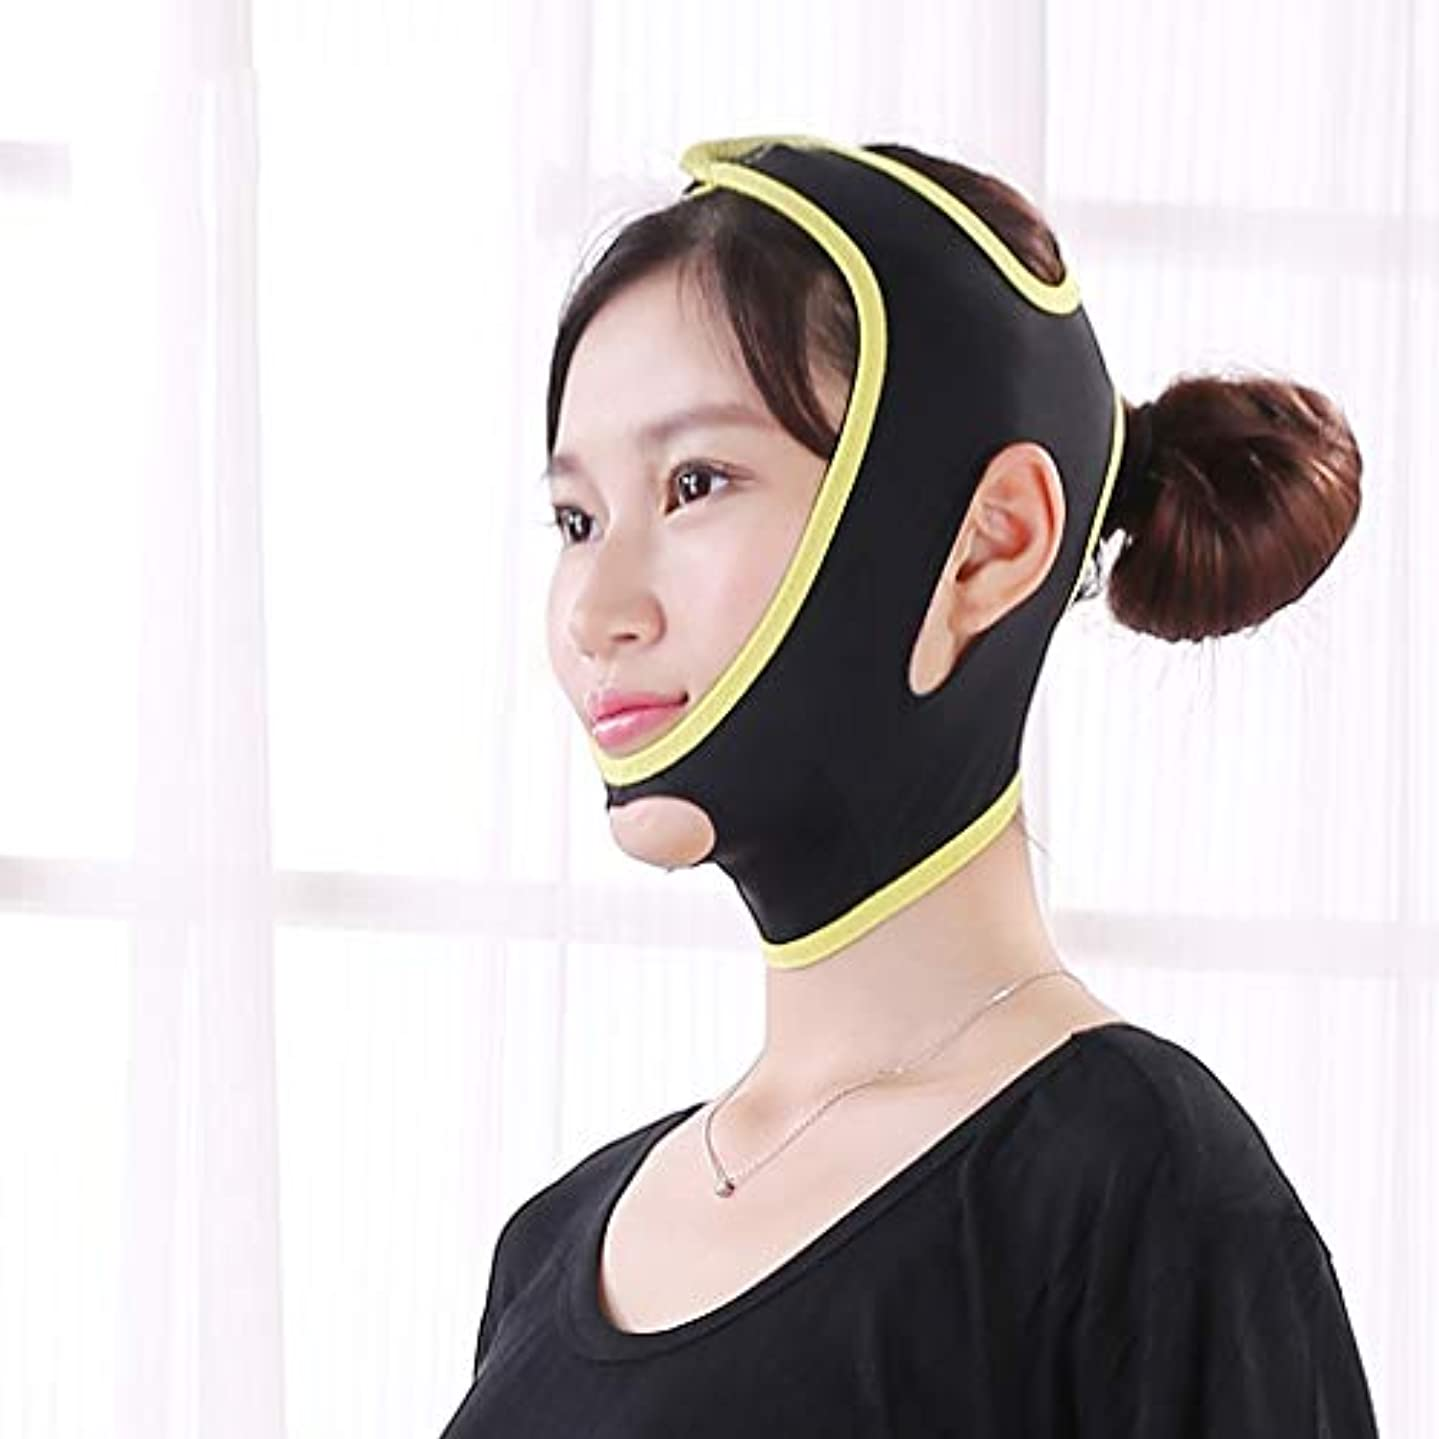 サバント整理する明日顔のバンデージVフェイスリフティングダブルチン小さな顔のシェイピングベルト薄いマテリアルマスク